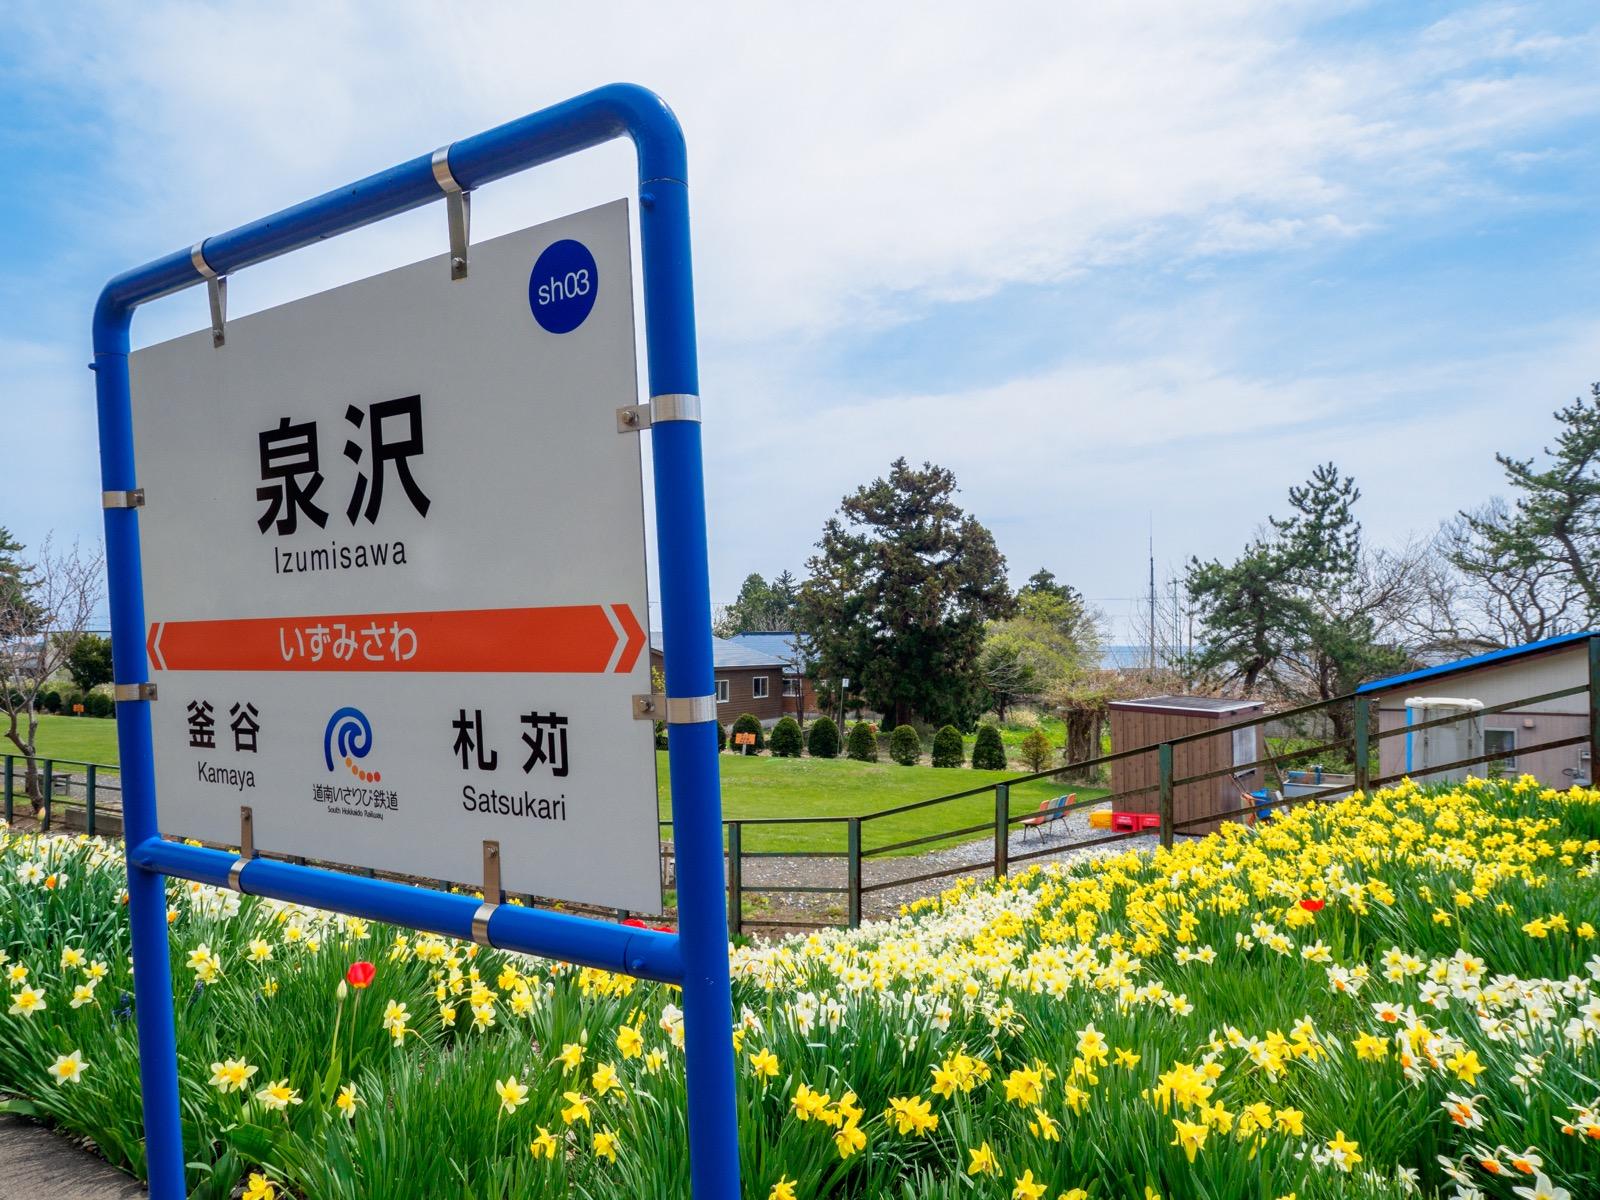 泉沢駅のホームと津軽海峡